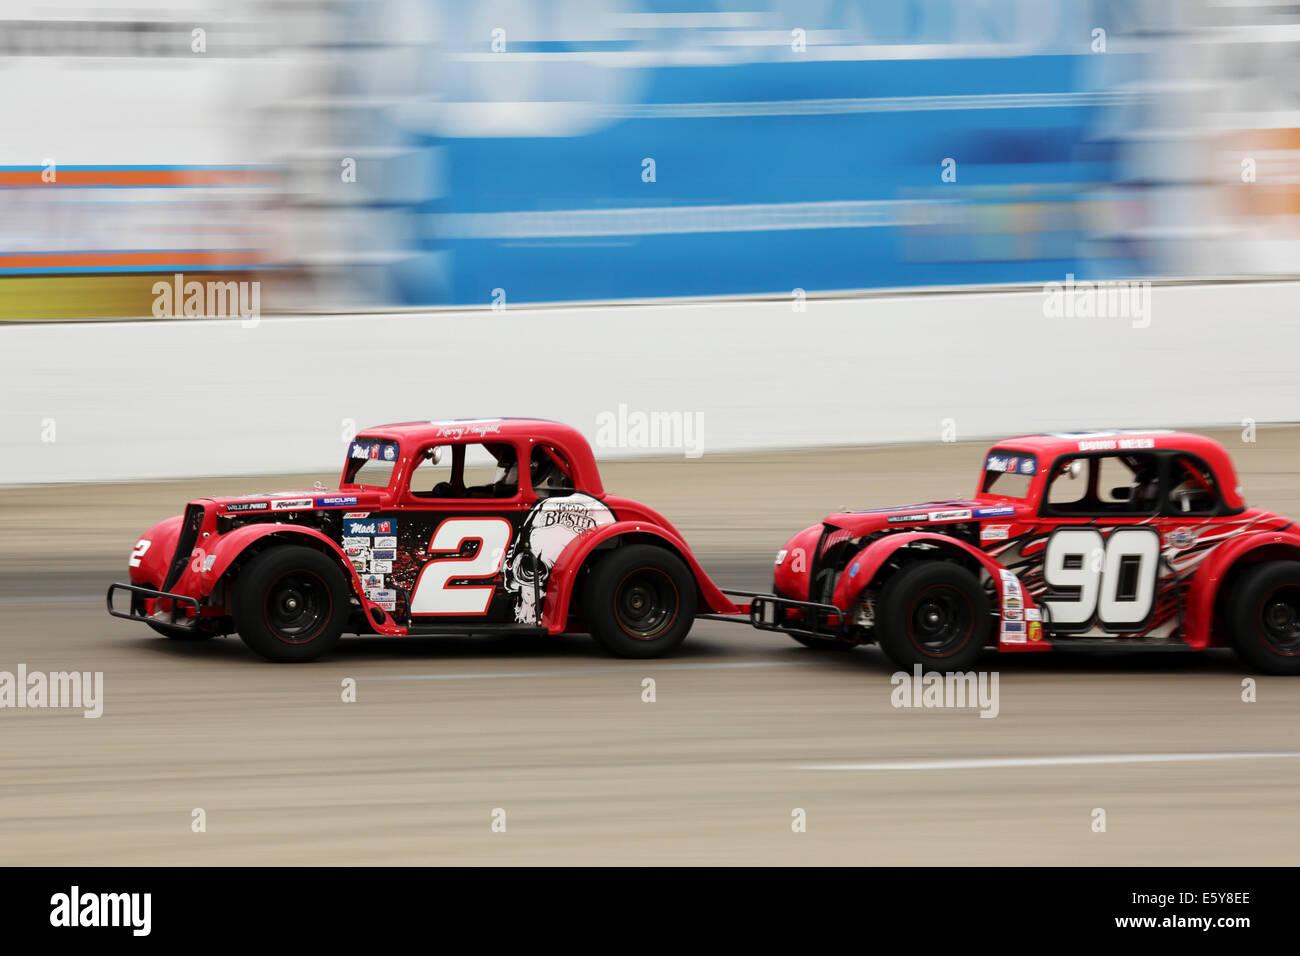 Motor racing at the Auto Clearing Motor Speedway racing circuit in Saskatoon, Saskatchewan, Canada. - Stock Image